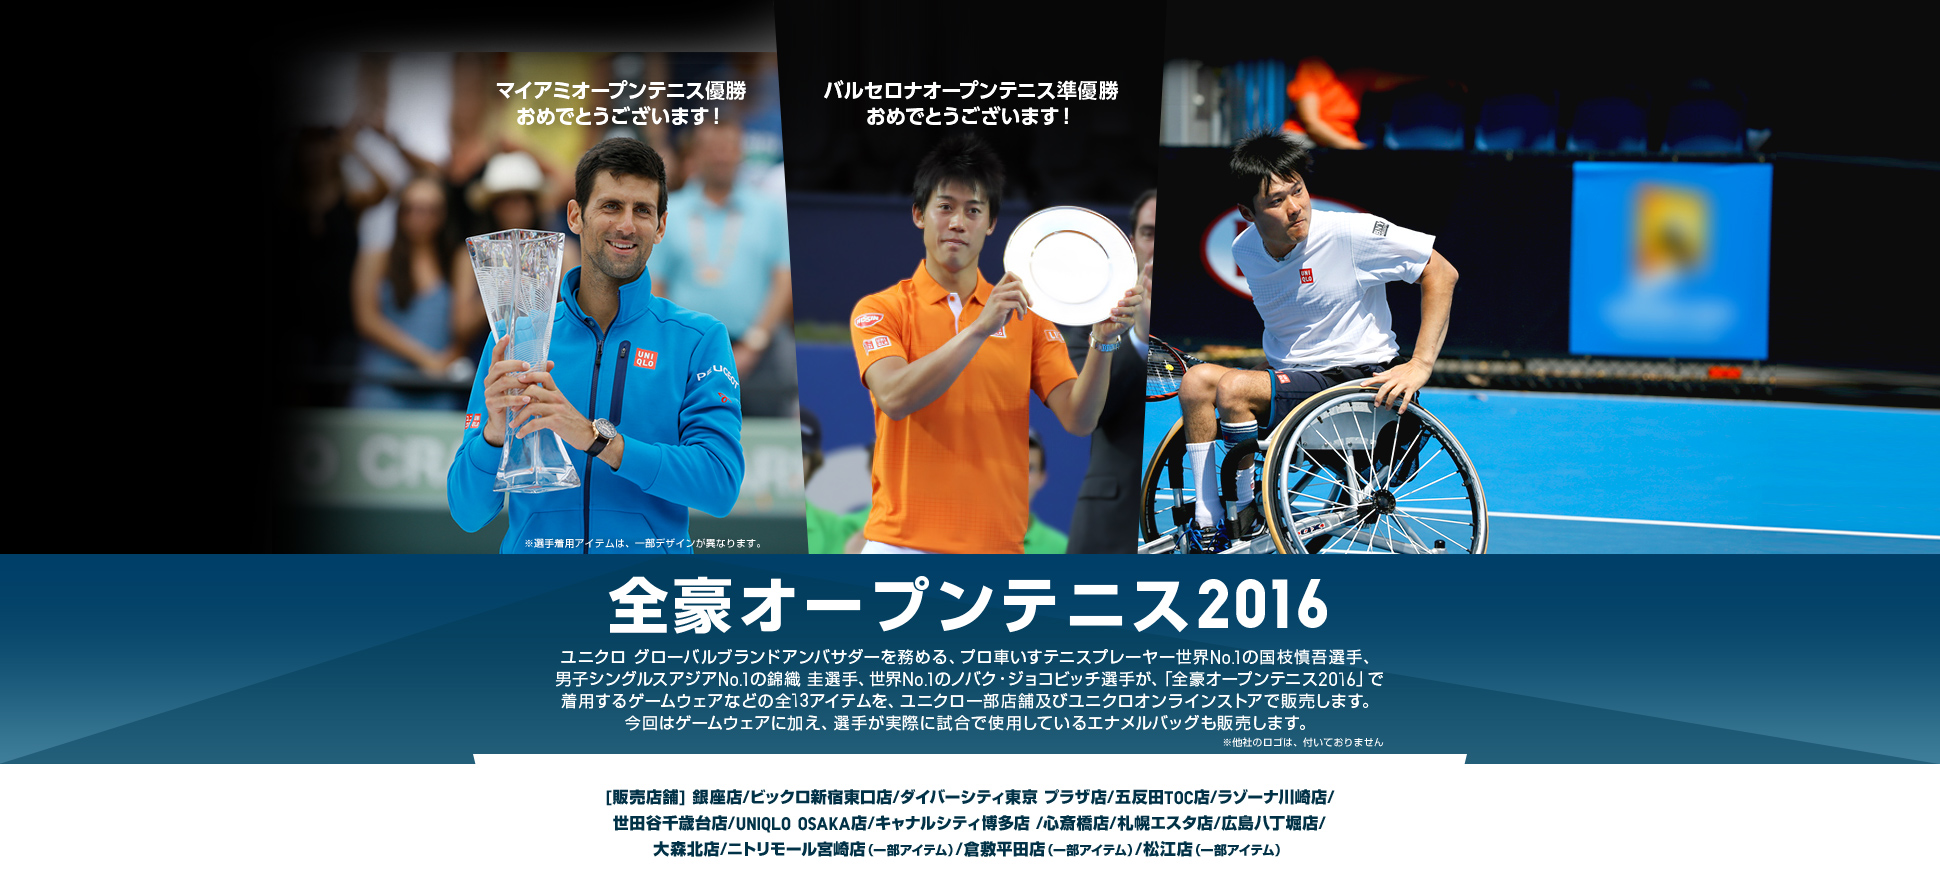 全豪オープンテニス2016